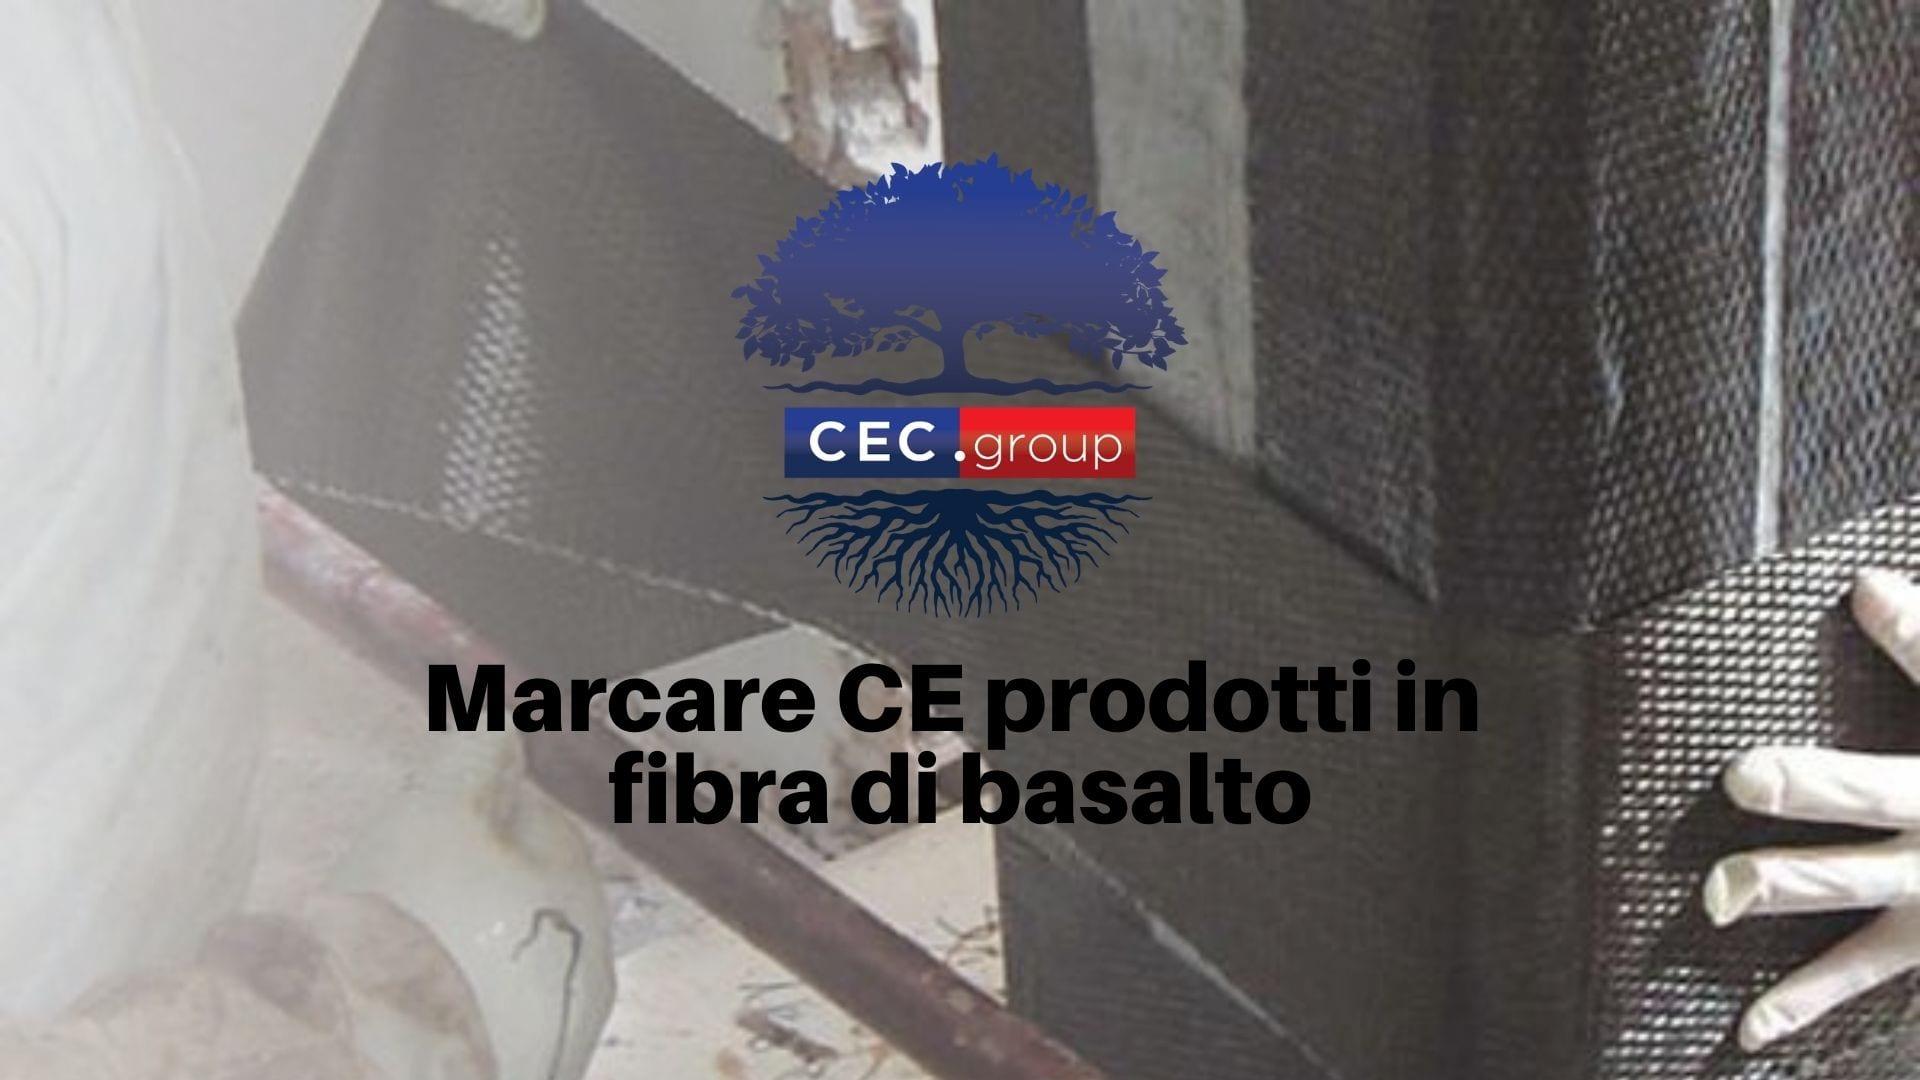 Marcatura CE dei prodotti in fibra di basalto